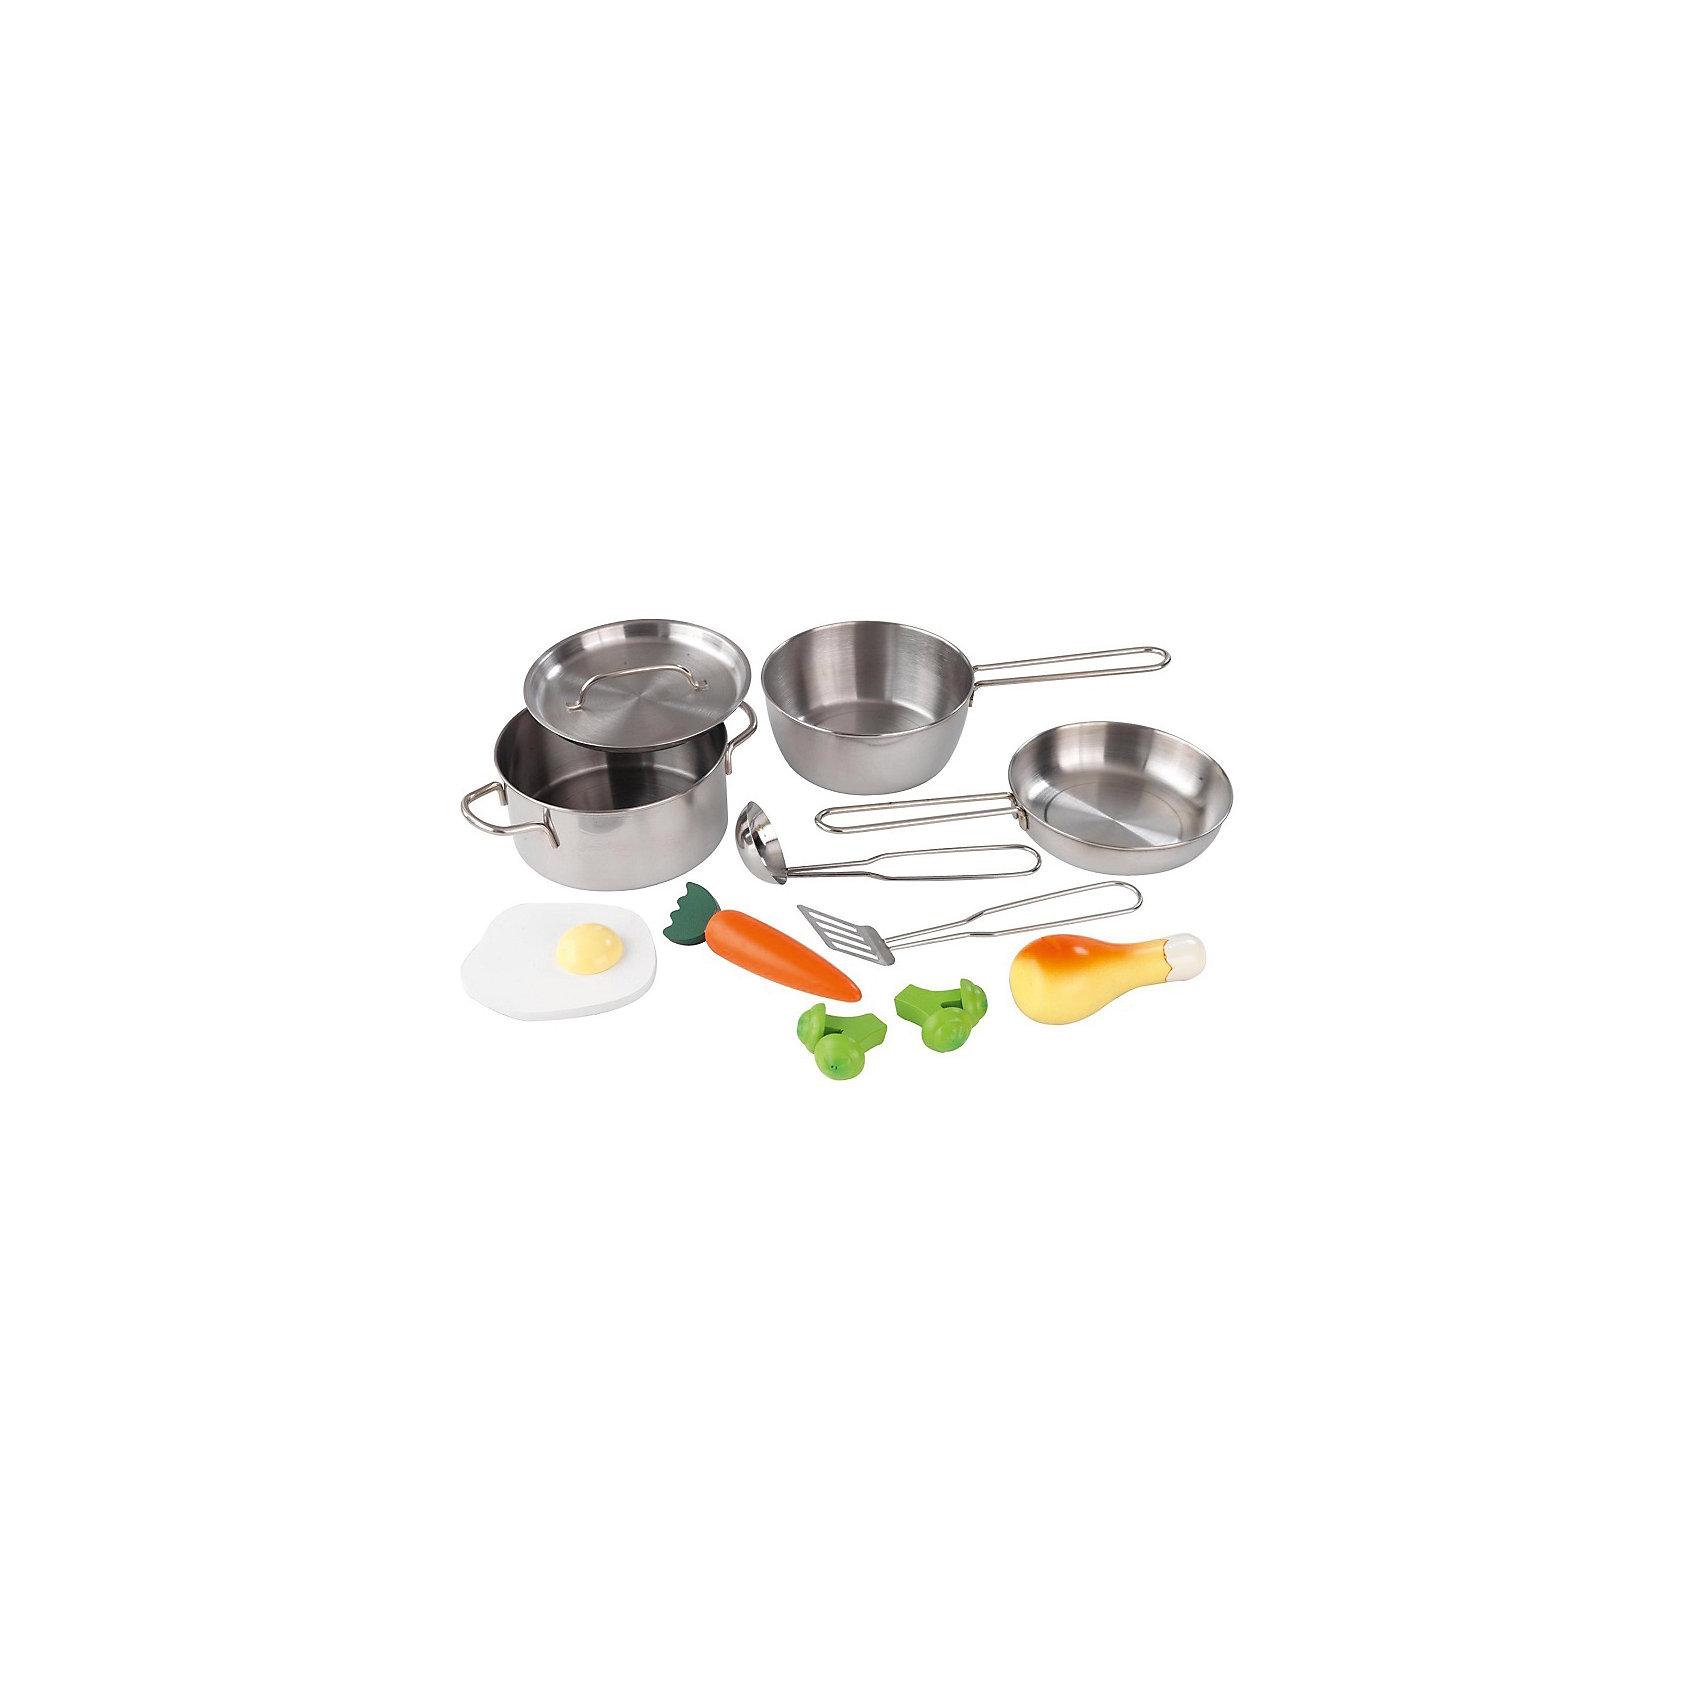 Игровой набор Игрушечная посуда, 11 предм., метталическая, KidKraftПосуда и аксессуары для детской кухни<br>Игровой набор Игрушечная посуда, 11 предметов, металлическая, KidKraft (КидКрафт).<br><br>Характеристики:<br><br>• Материал: металл, пластик.<br>• Размеры упаковки: 9 ? 26 ? 18 см.<br>• В набор входят: две металлические кастрюли, одна металлическая банка, один шпатель из металла, один металлический ковш, два куска брокколи, одна куриная ножка; одна морковь, одно яйцо.<br><br>Такой набор металлической посуды KidKraft отлично дополнит кухню маленькой хозяйки. В него входит все необходимое для приготовления обеда куклам. Аксессуары сделаны из металла, стилизованы под нержавеющую сталь. Данный набор подходит к кухням, выдержанным в современном стиле. <br><br>Игровой набор Игрушечная посуда, 11 предметов, металлическая, KidKraft (КидКрафт), можно купить в нашем интернет - магазине.<br><br>Ширина мм: 260<br>Глубина мм: 180<br>Высота мм: 90<br>Вес г: 800<br>Возраст от месяцев: 36<br>Возраст до месяцев: 120<br>Пол: Женский<br>Возраст: Детский<br>SKU: 5044994